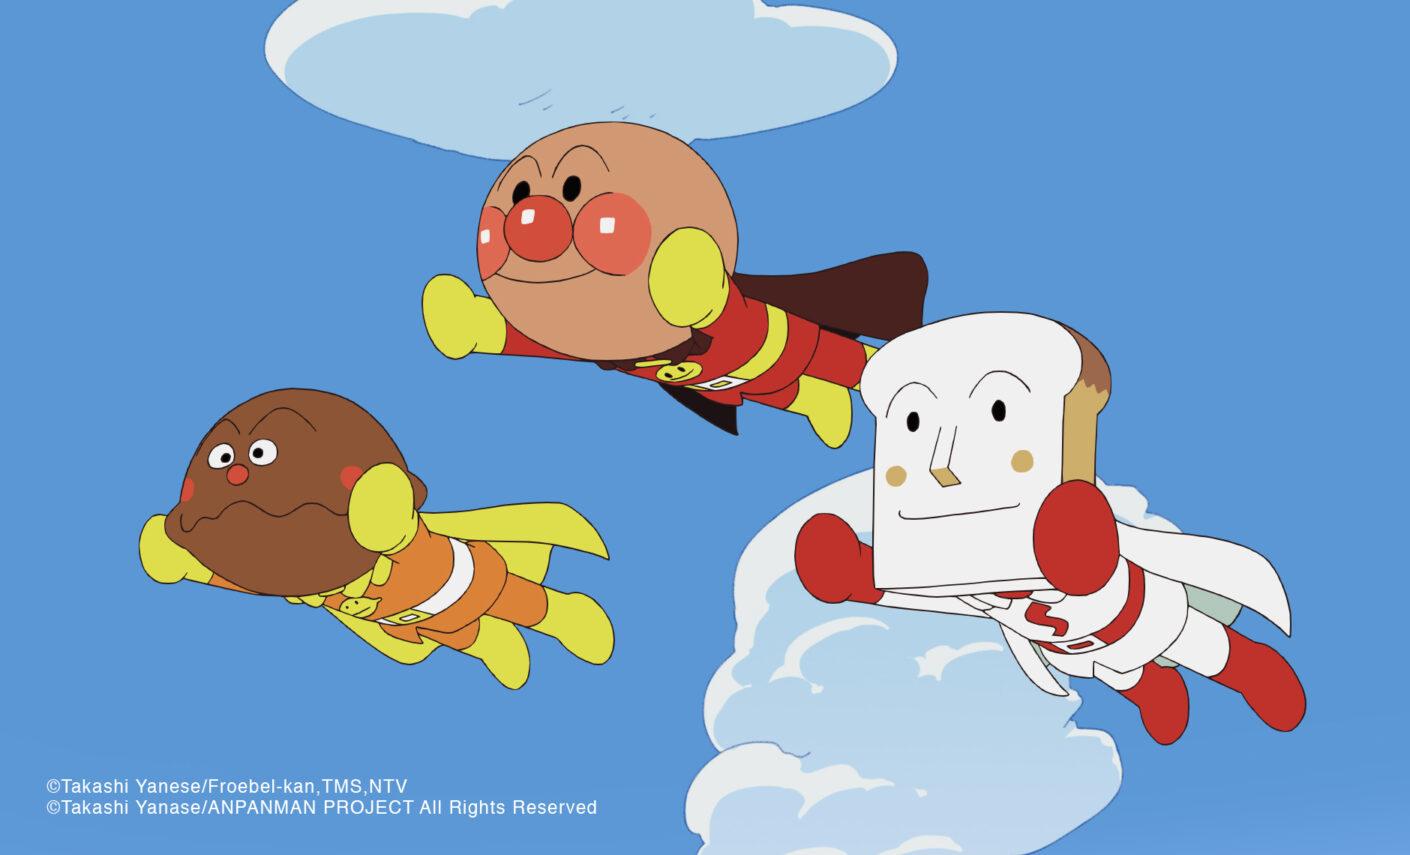 Una imagen promocional para la serie de anime de Anpanman, con el personaje principal y dos de sus amigos con cabeza de pan volando por el cielo con sus trajes de superhéroe.